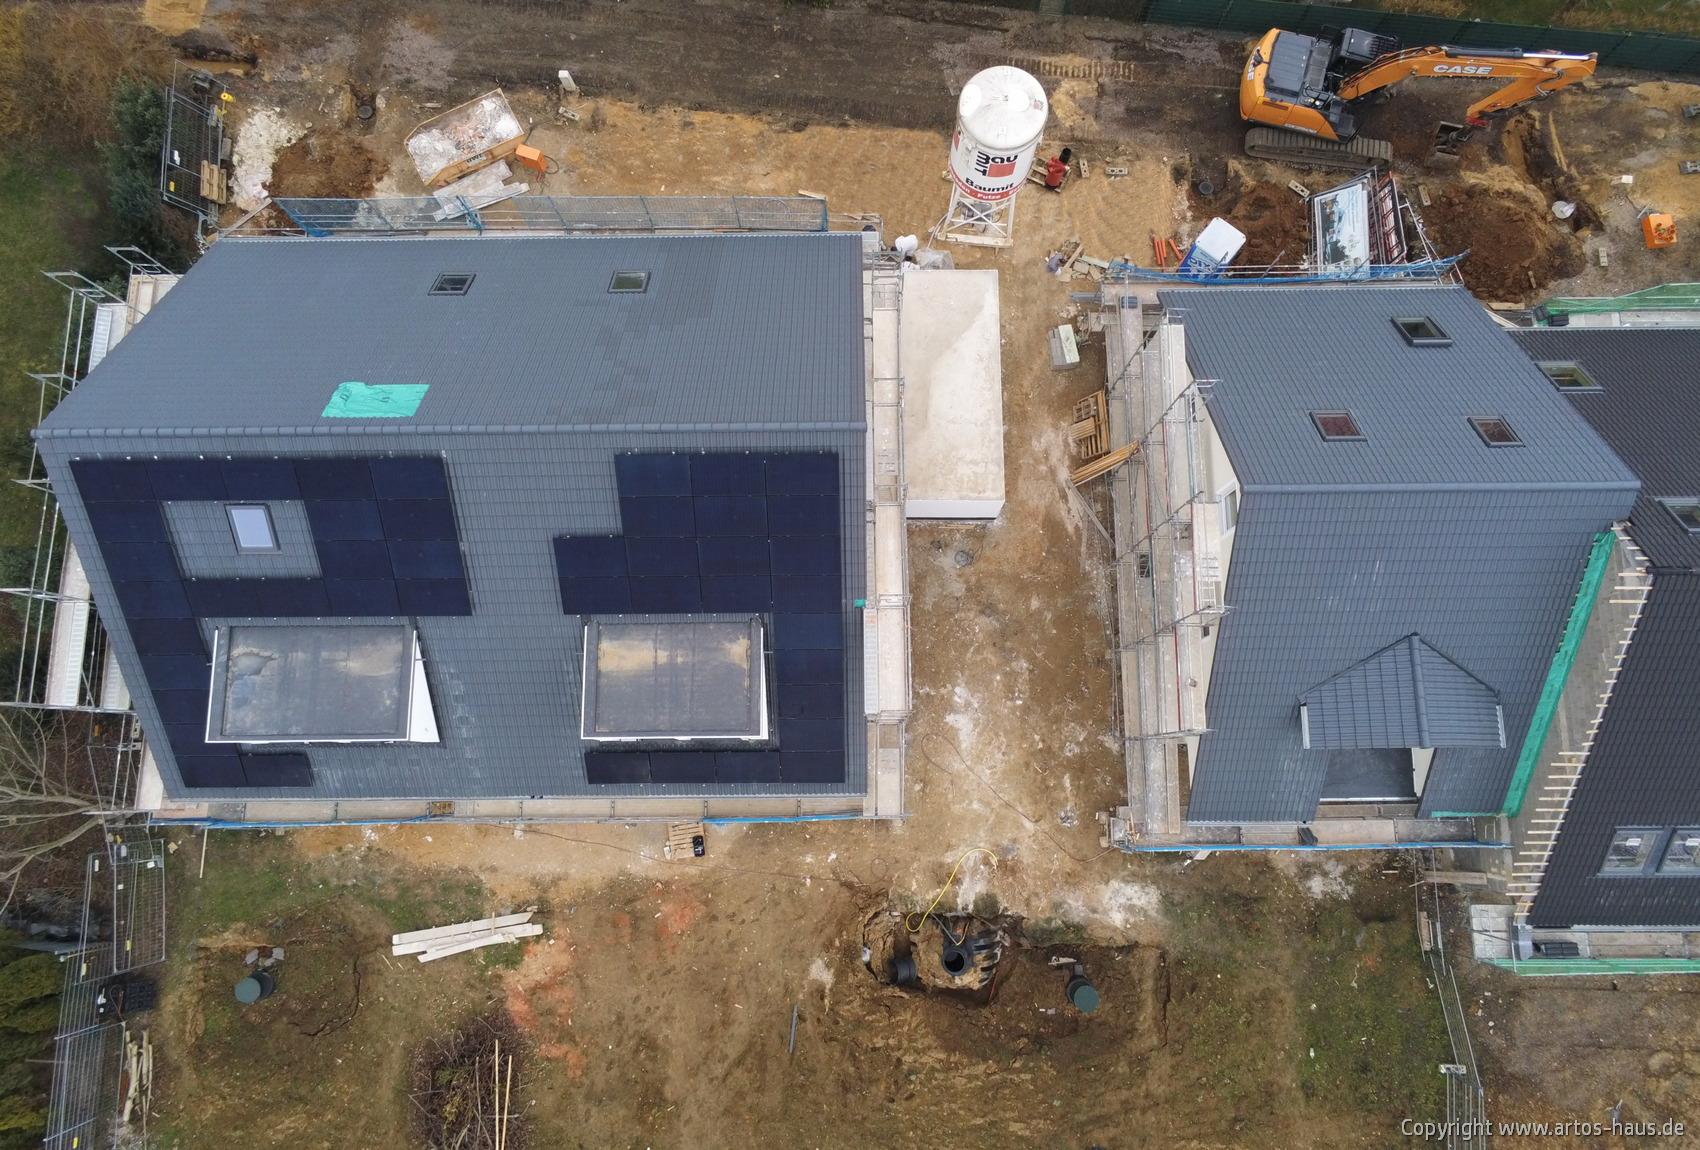 Luftbild der ARTOS HAUS Baustelle in Hürth am 8.3.2021